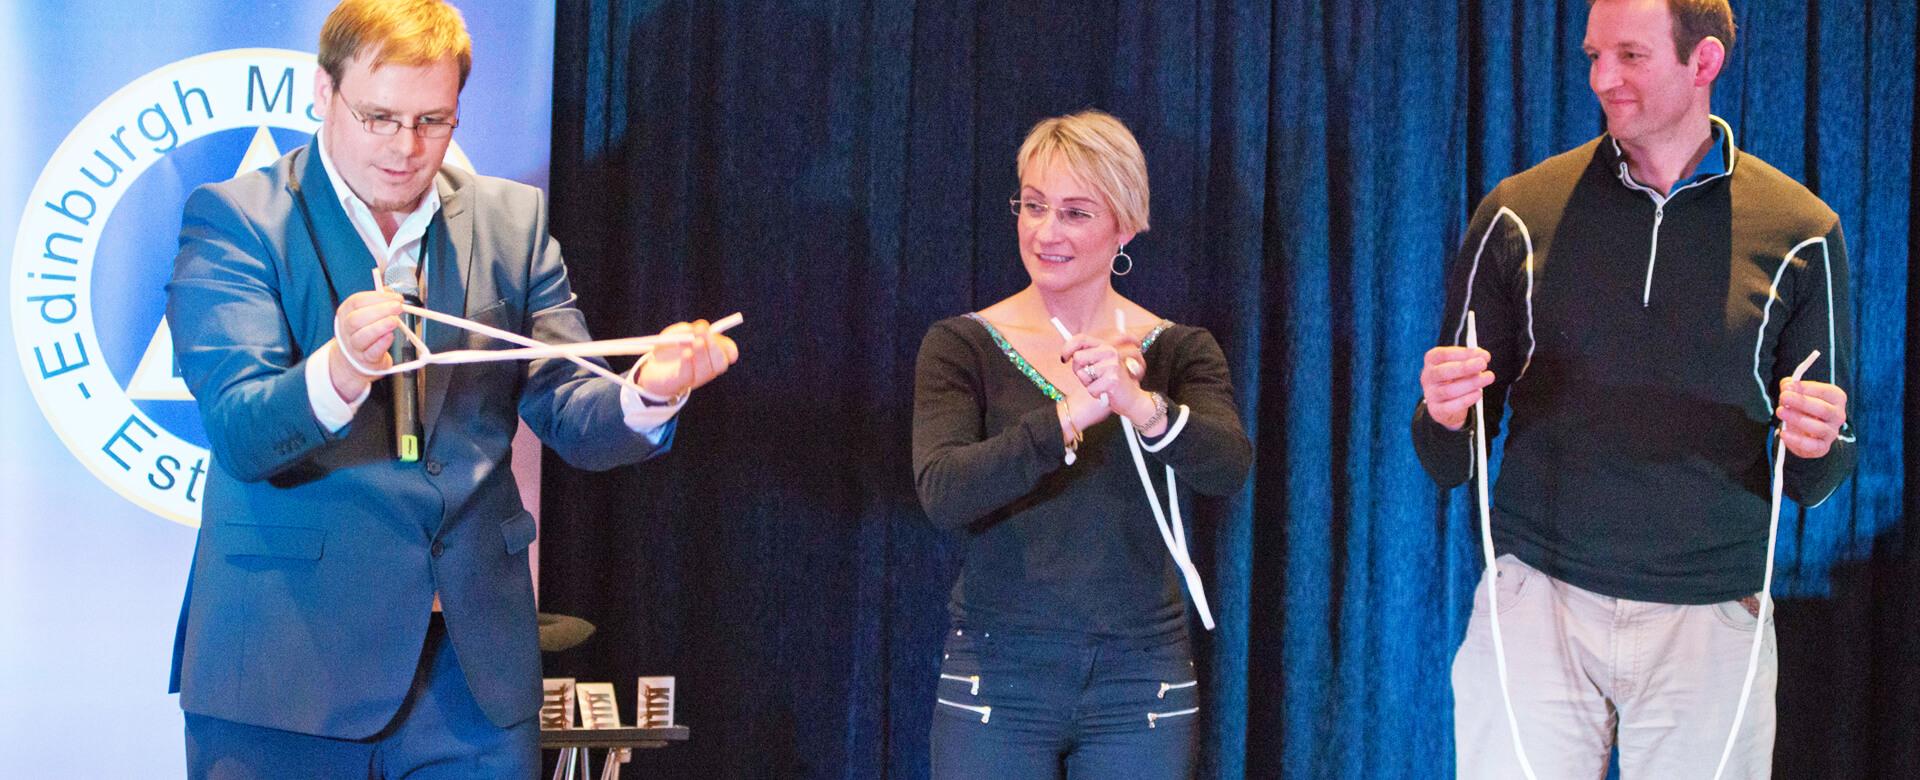 Dave Reubens - Magician Cardiff | Magician Bristol | Magician Gloucester